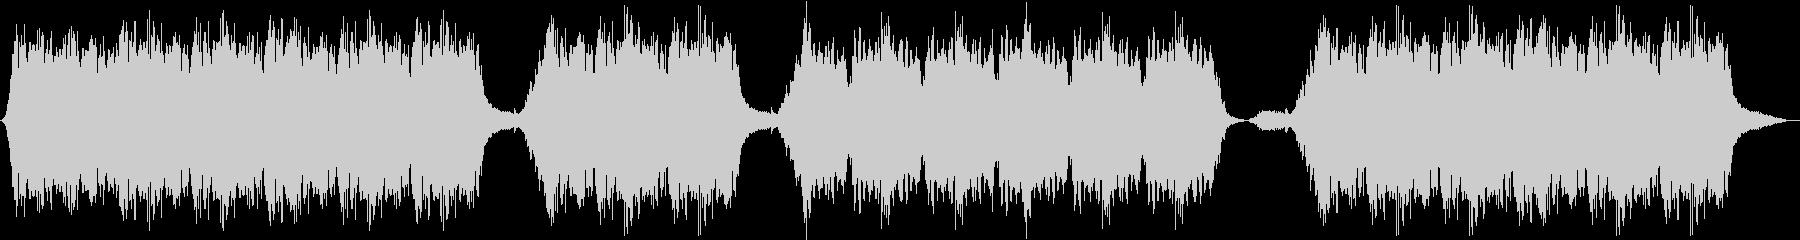 就寝用に制作されたハープ音楽の未再生の波形